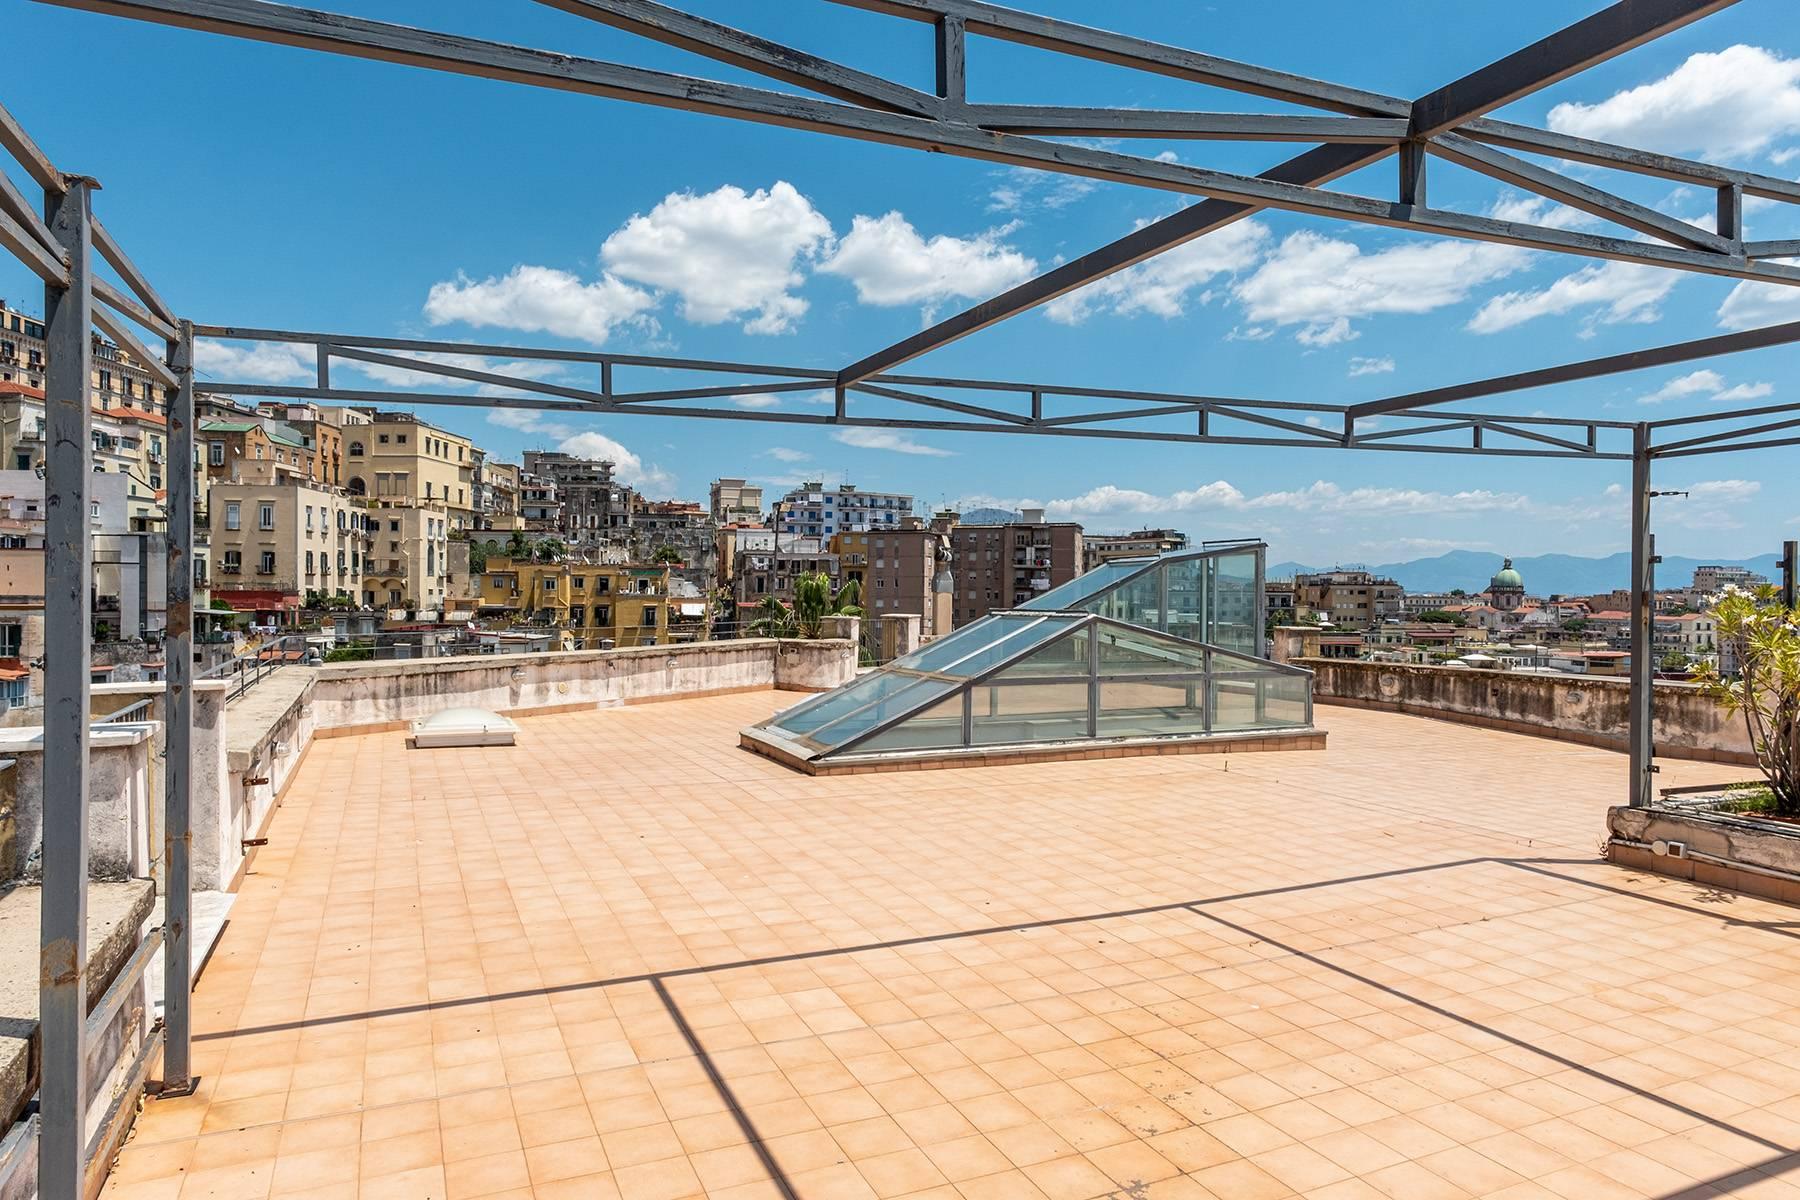 Attico in Vendita a Napoli: 5 locali, 160 mq - Foto 18